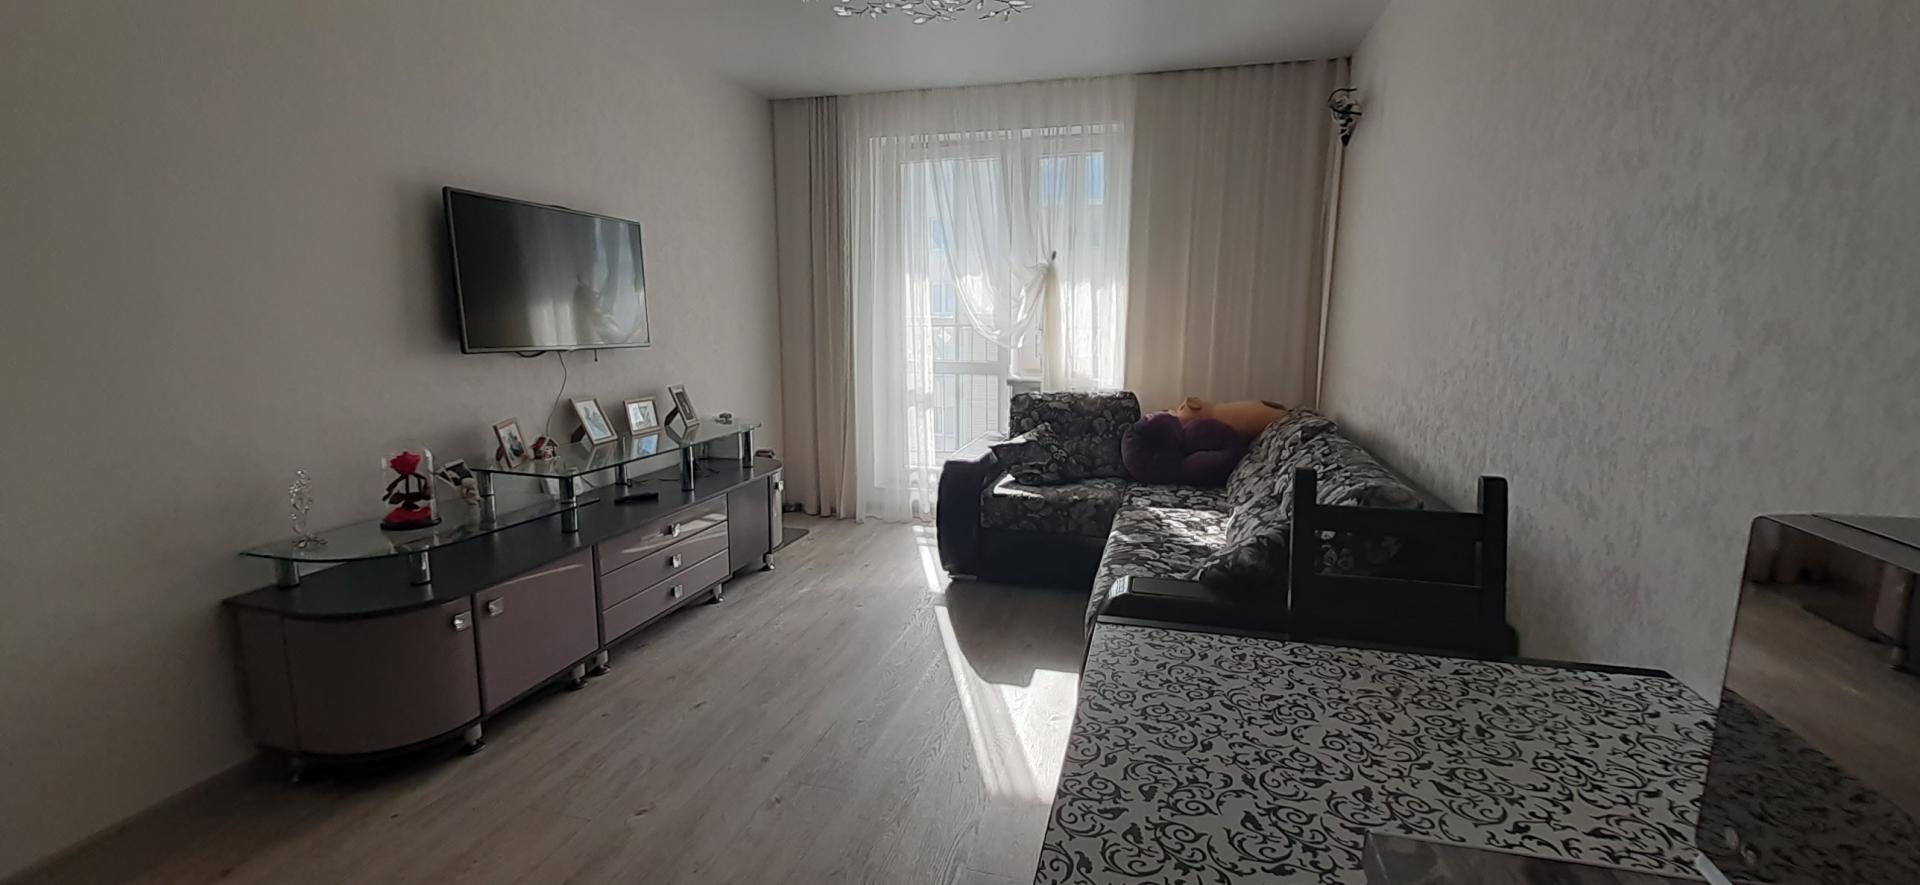 Продажа 2-к квартиры рауиса гареева, 111к1